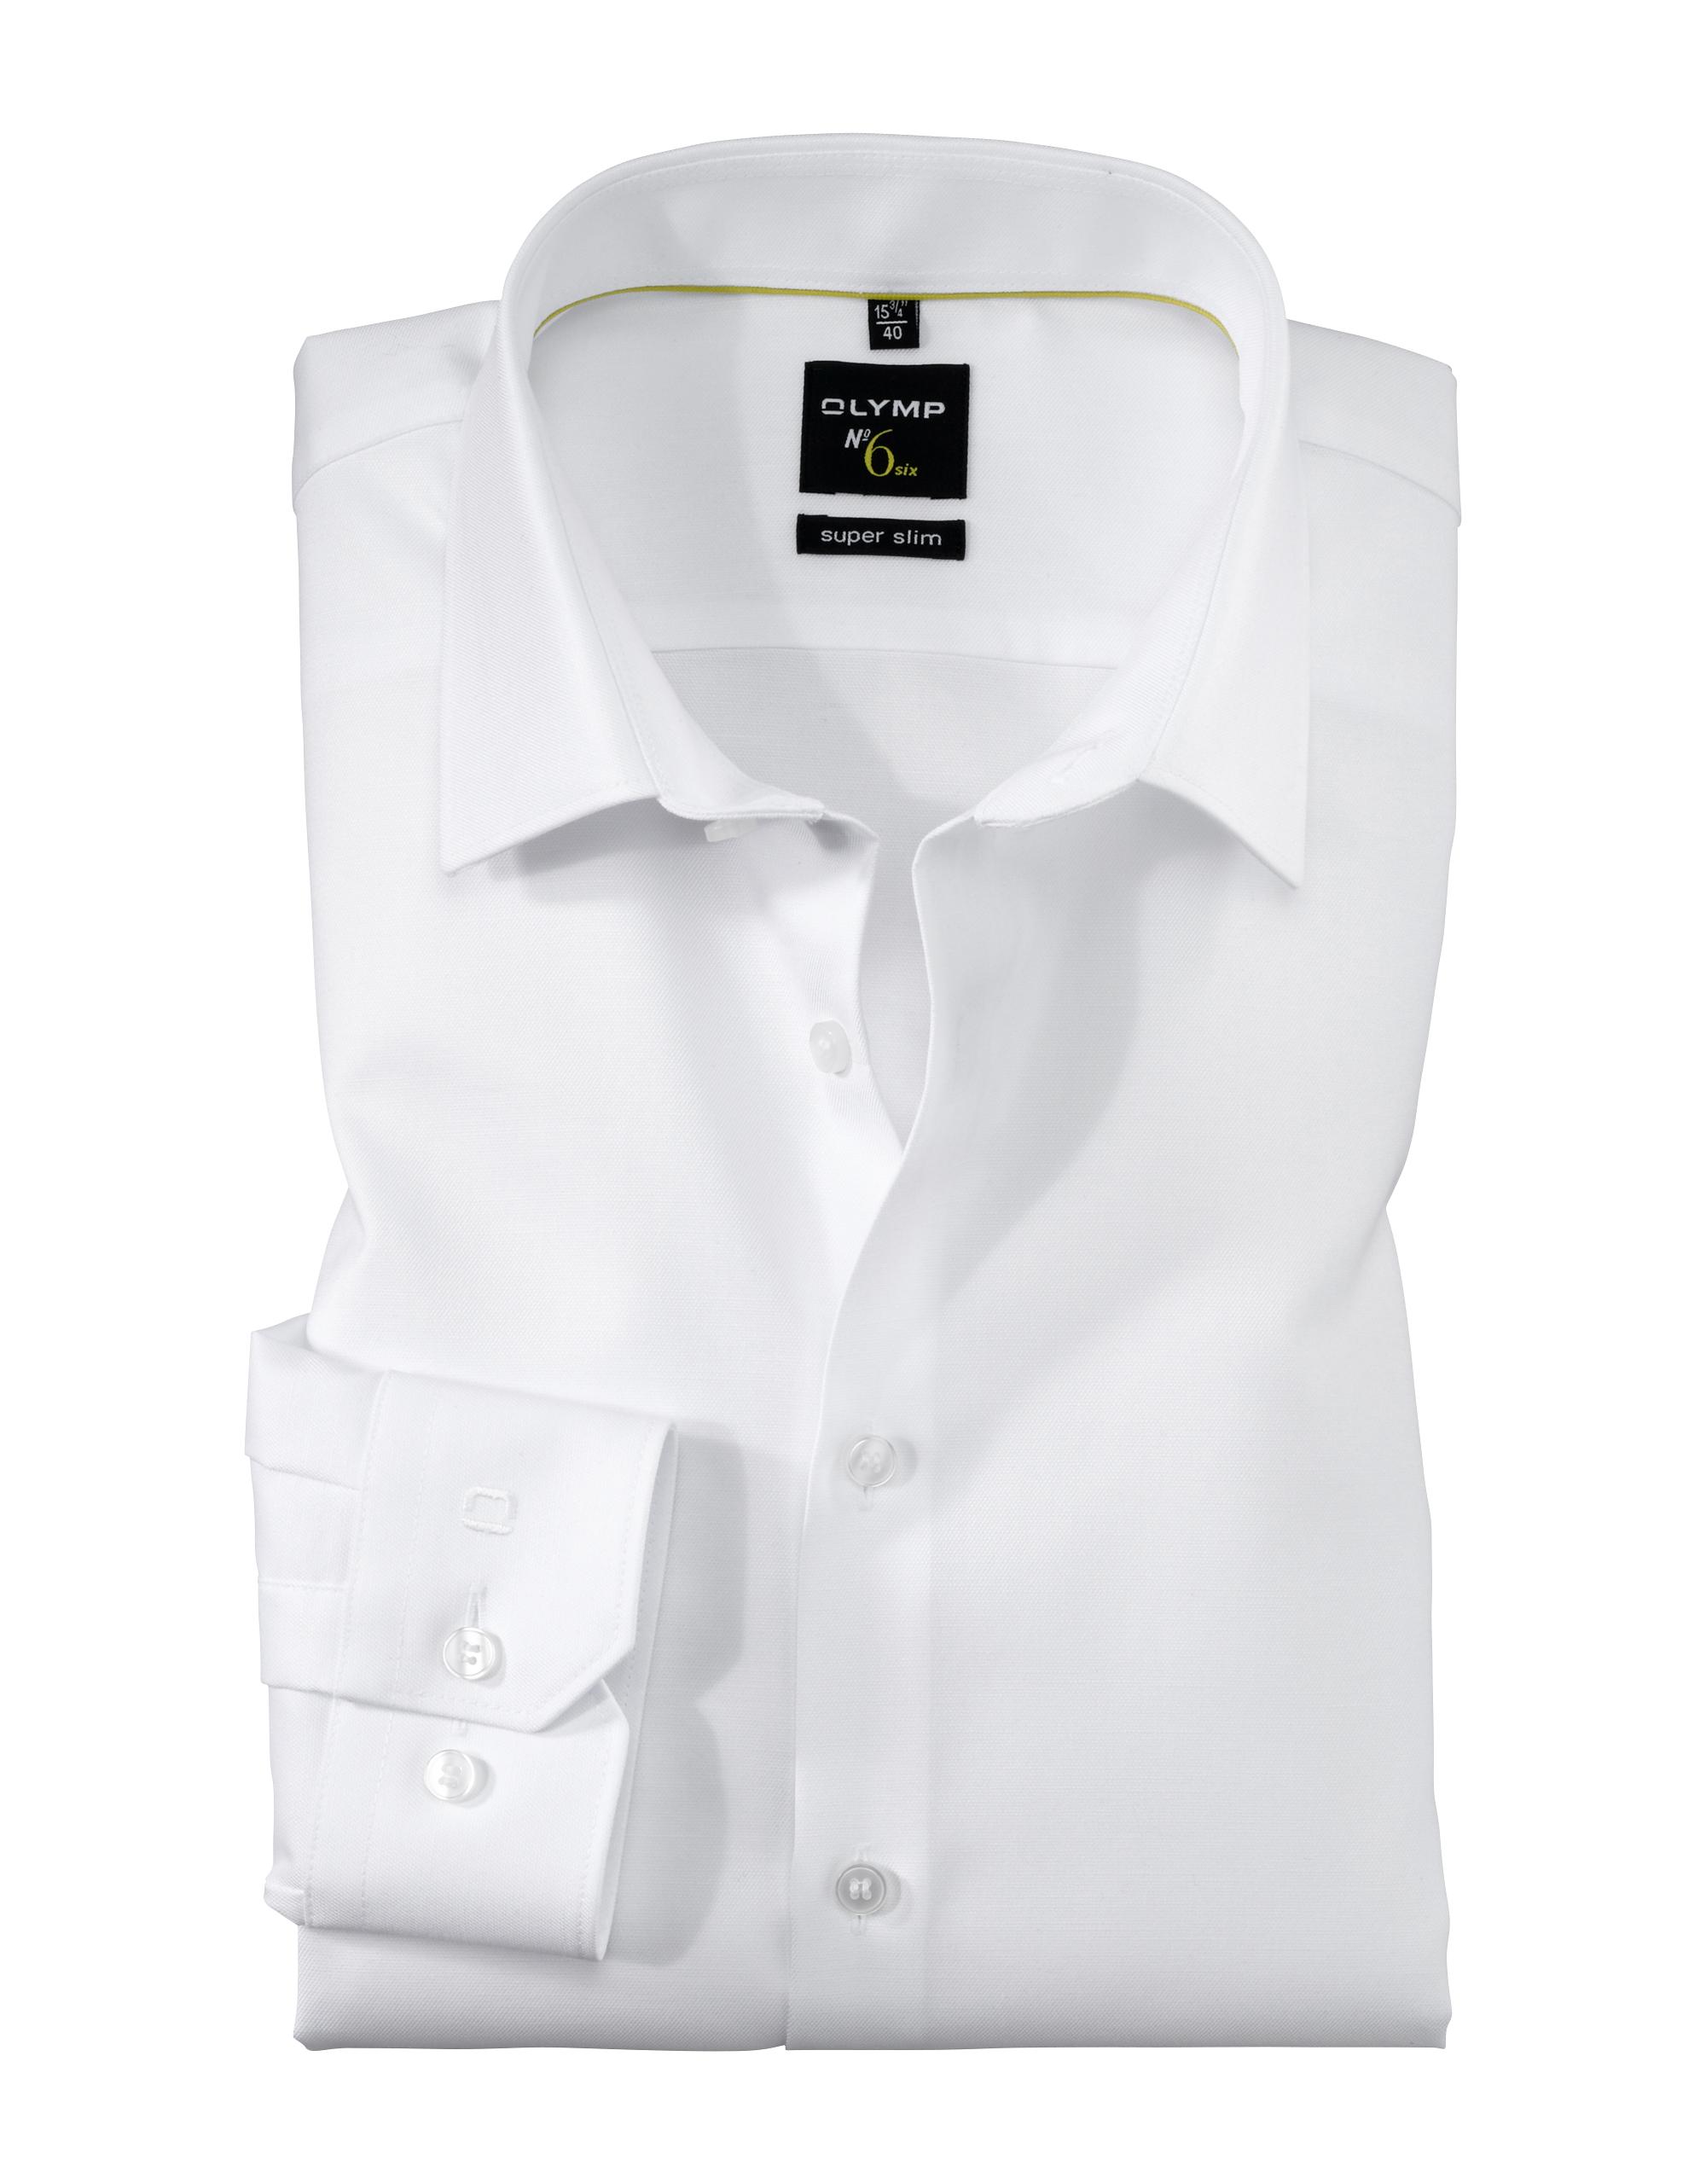 OLYMP No. Six Hemd, super slim, Urban Kent, Weiß, 45 | Bekleidung > Hemden > Sonstige Hemden | Weiß | 97% baumwolle/ 3% elastolefin (xlance) | OLYMP No. Six